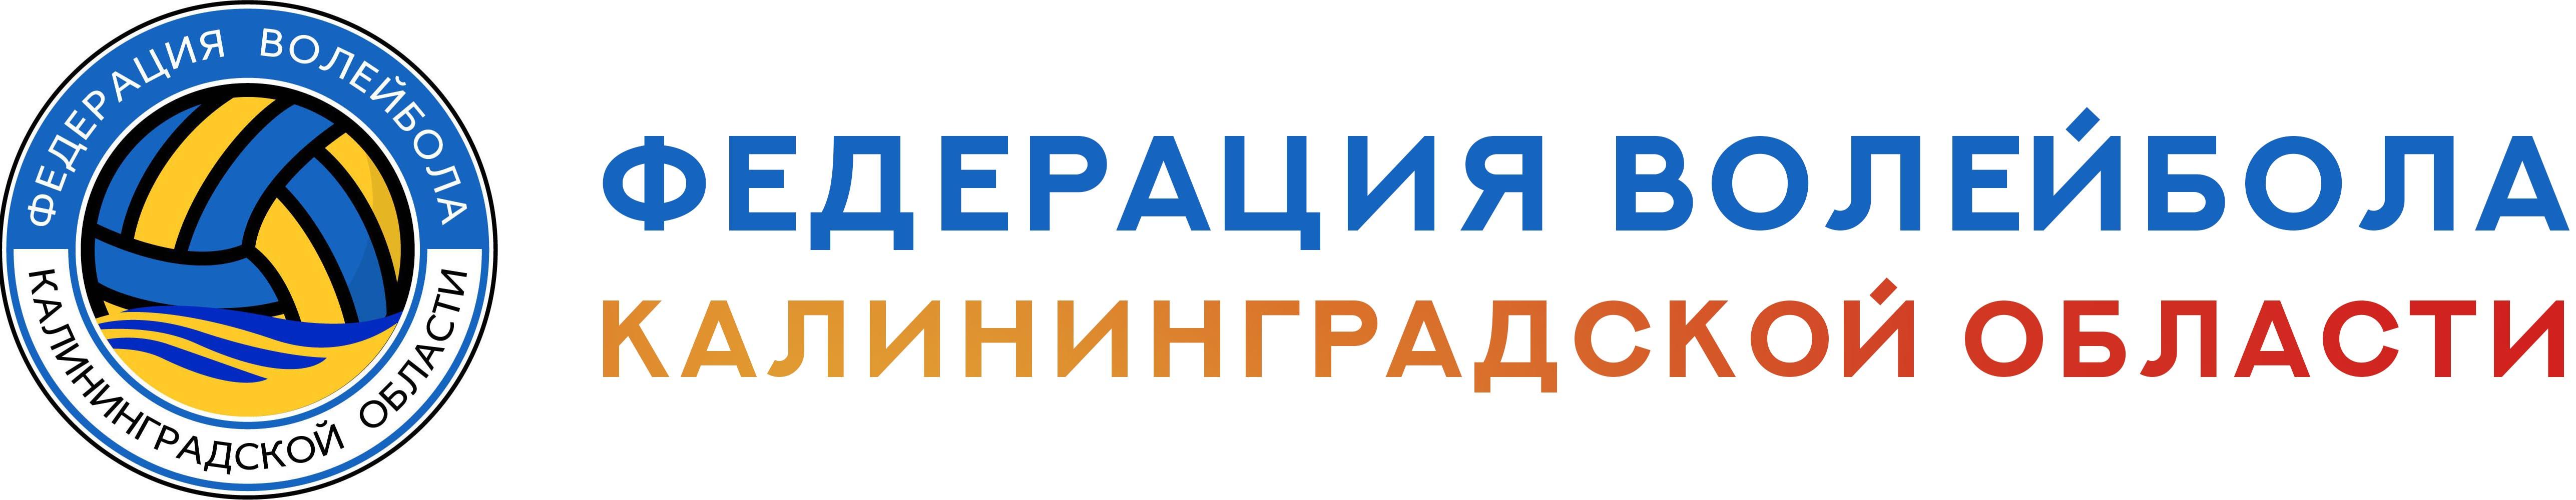 Федерация волейбола Калининграда